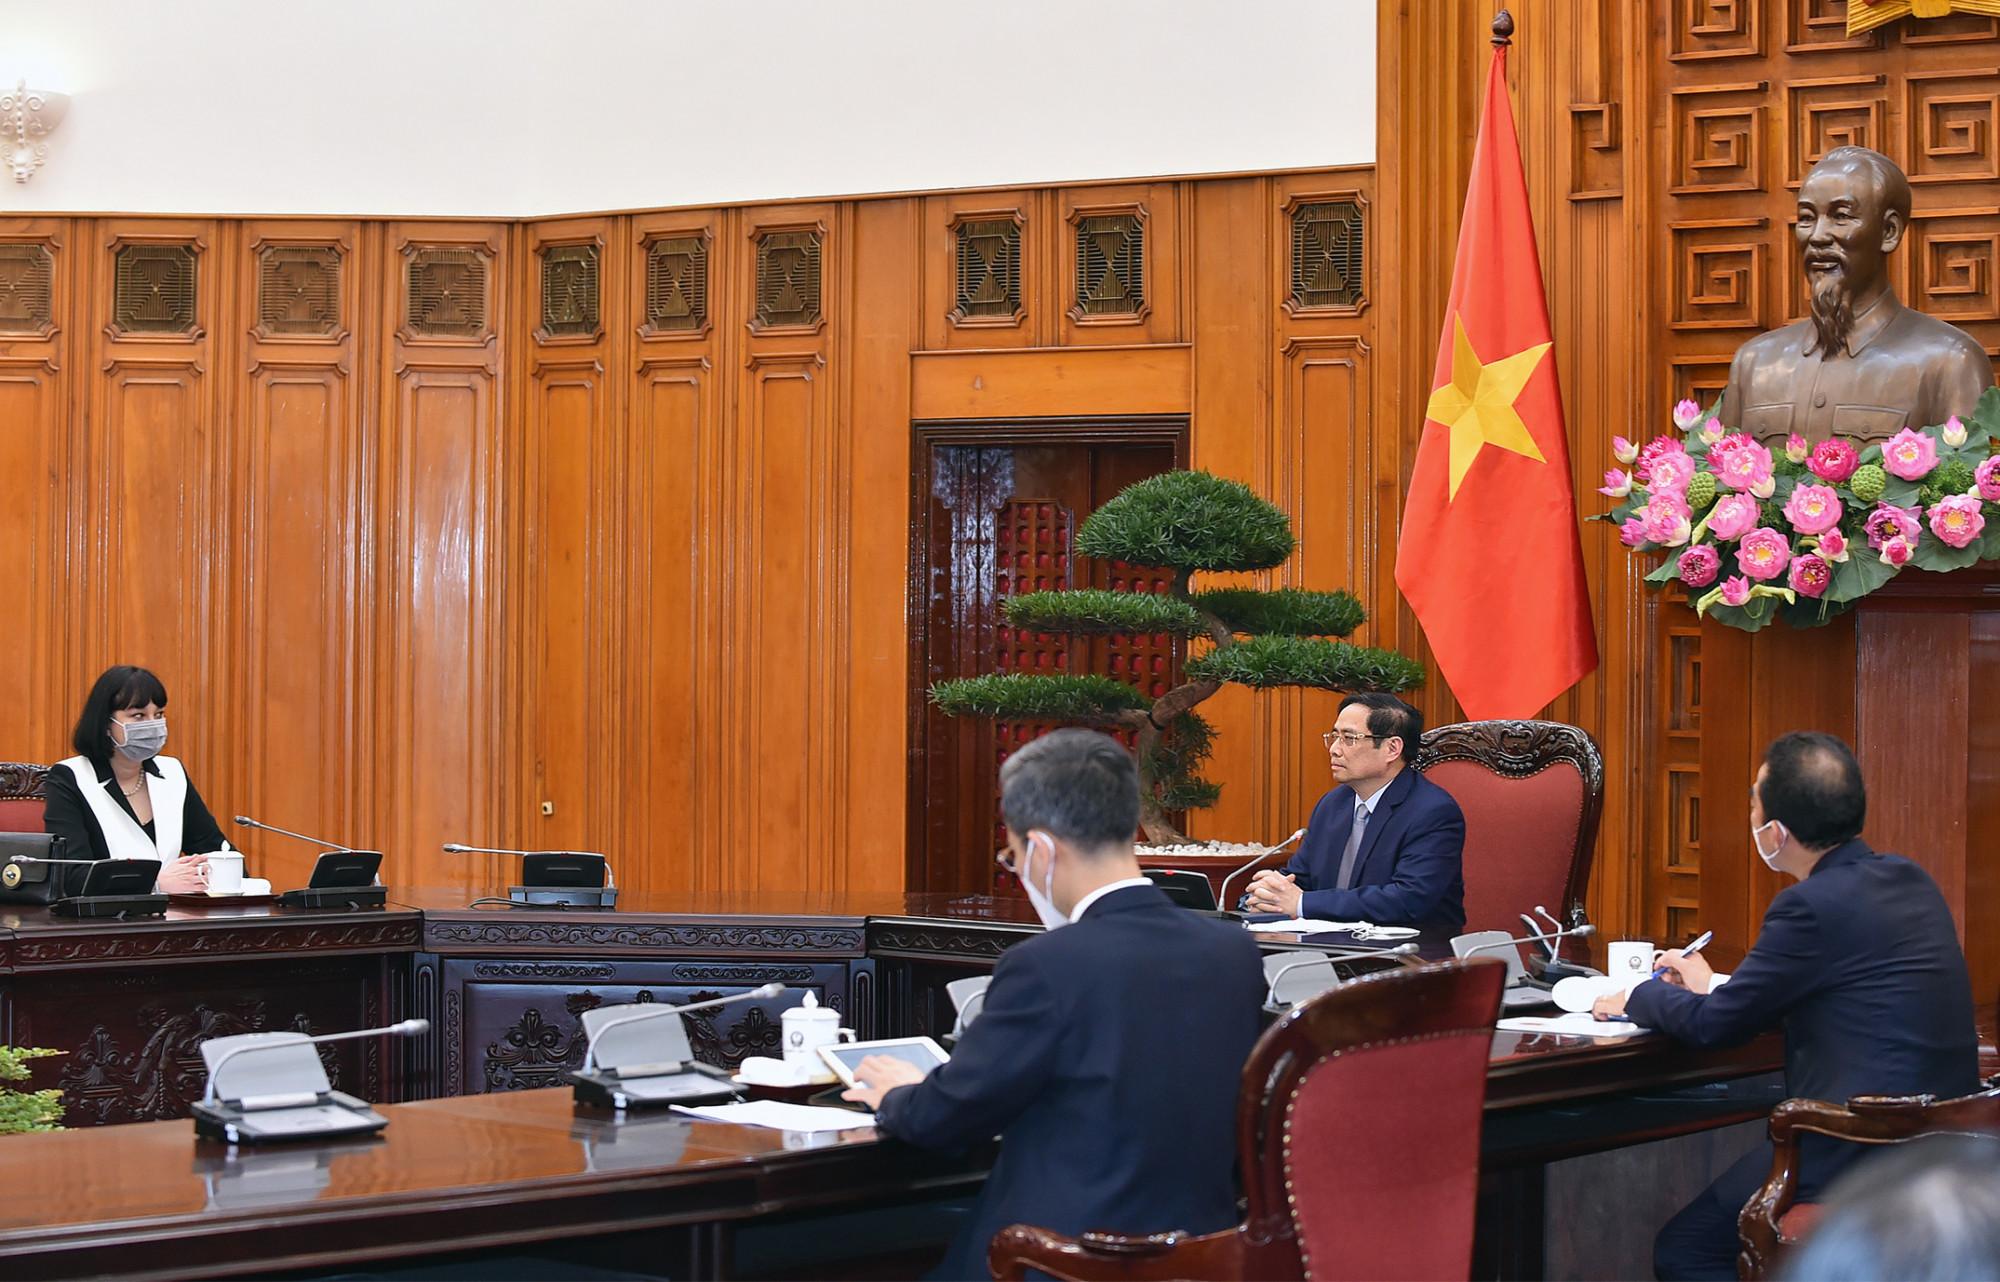 Thủ tướng Phạm Minh Chính trân trọng cảm ơn Chính phủ Romania đã tặng 100.800 liều vaccine Astra Zeneca cho Việt Nam